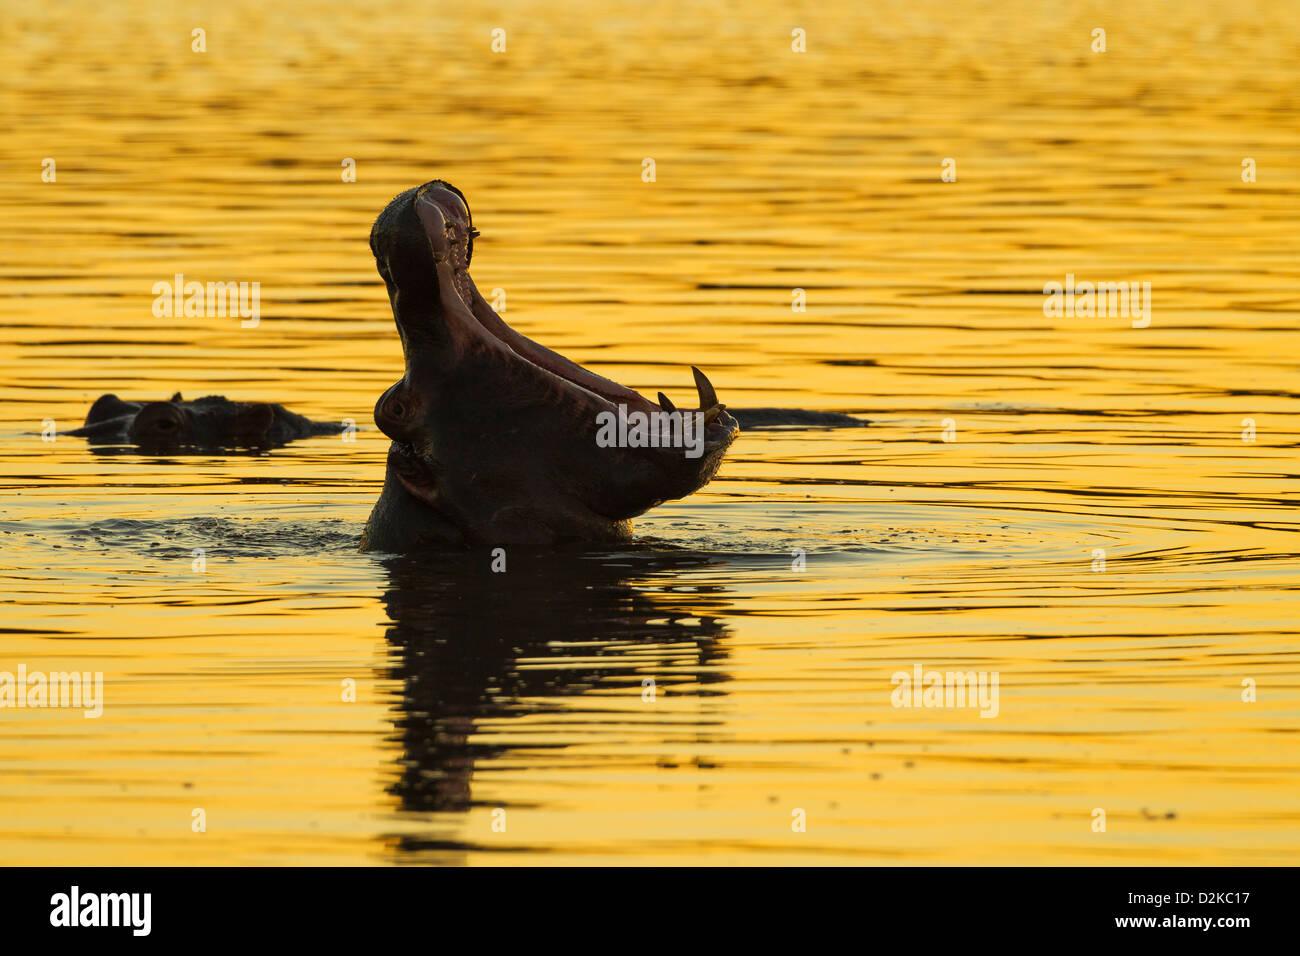 Silueta de un hipopótamo bostezando en la dorada luz del atardecer Foto de stock